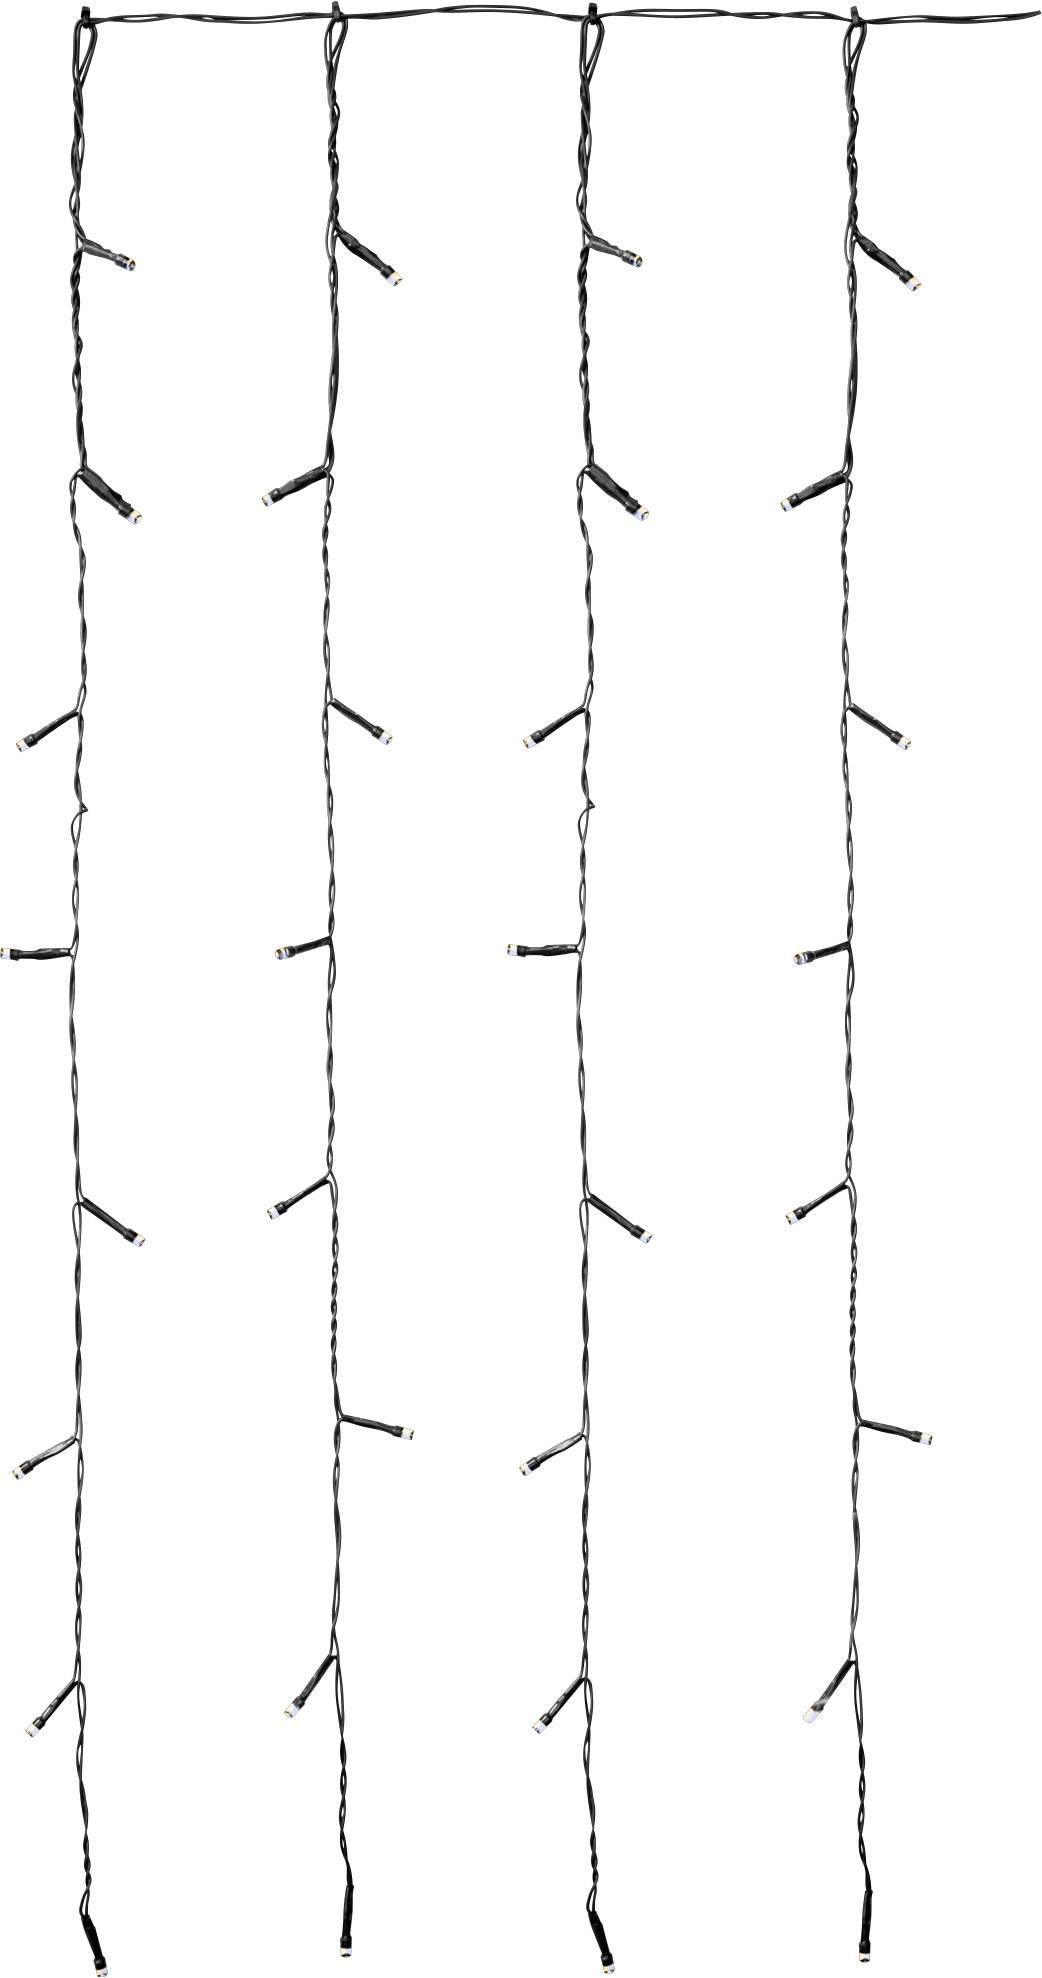 izdelek-svetlobna-zavesa-zunanja-31-v-80-led-topla-bela-hladna-be